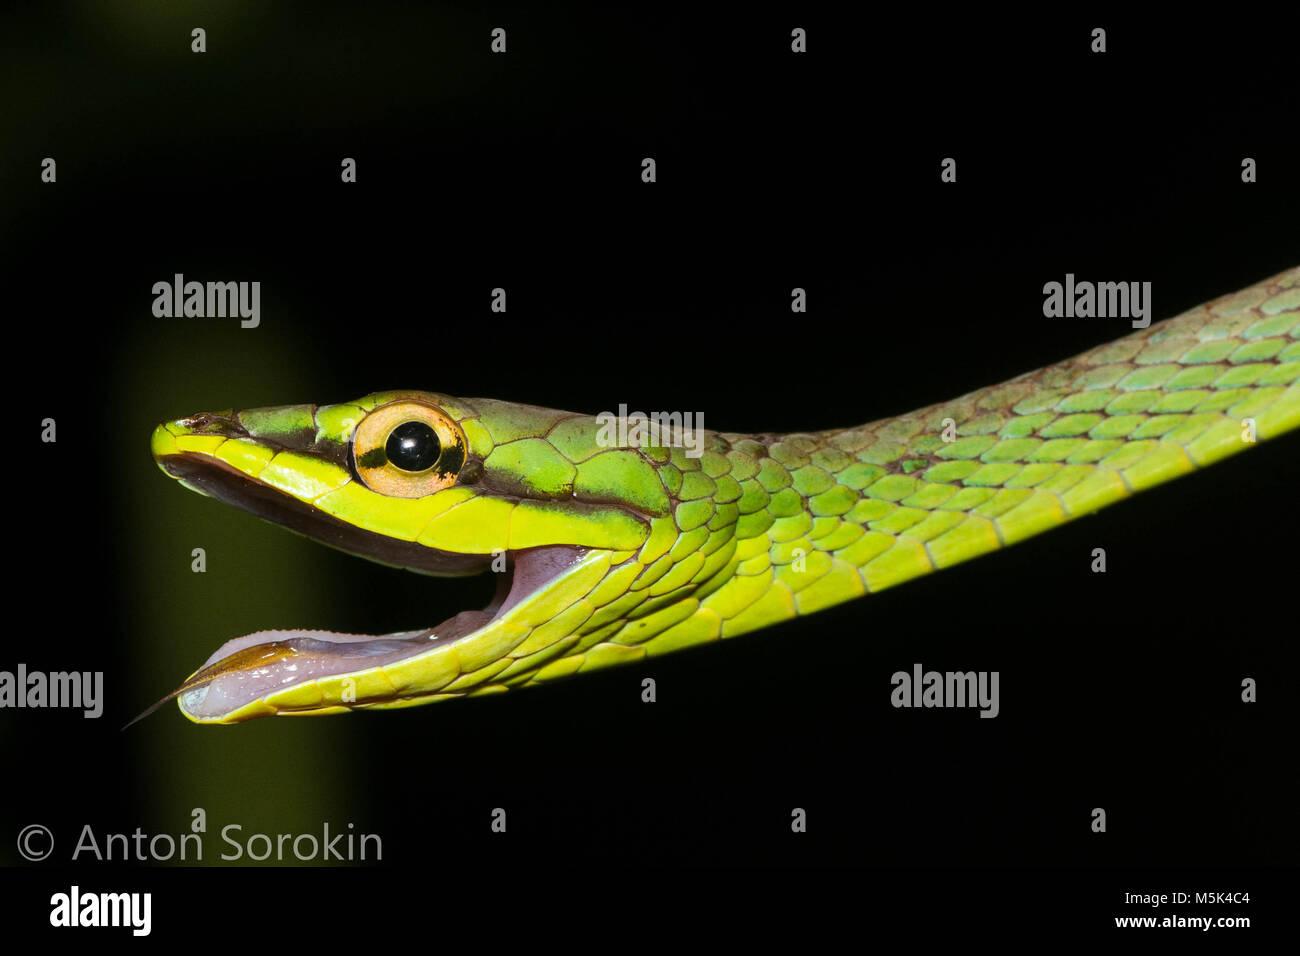 La serpent de vigne (Oxybelis brevirostris) est un colubridé inoffensif serpent d'Amérique du Sud. Banque D'Images